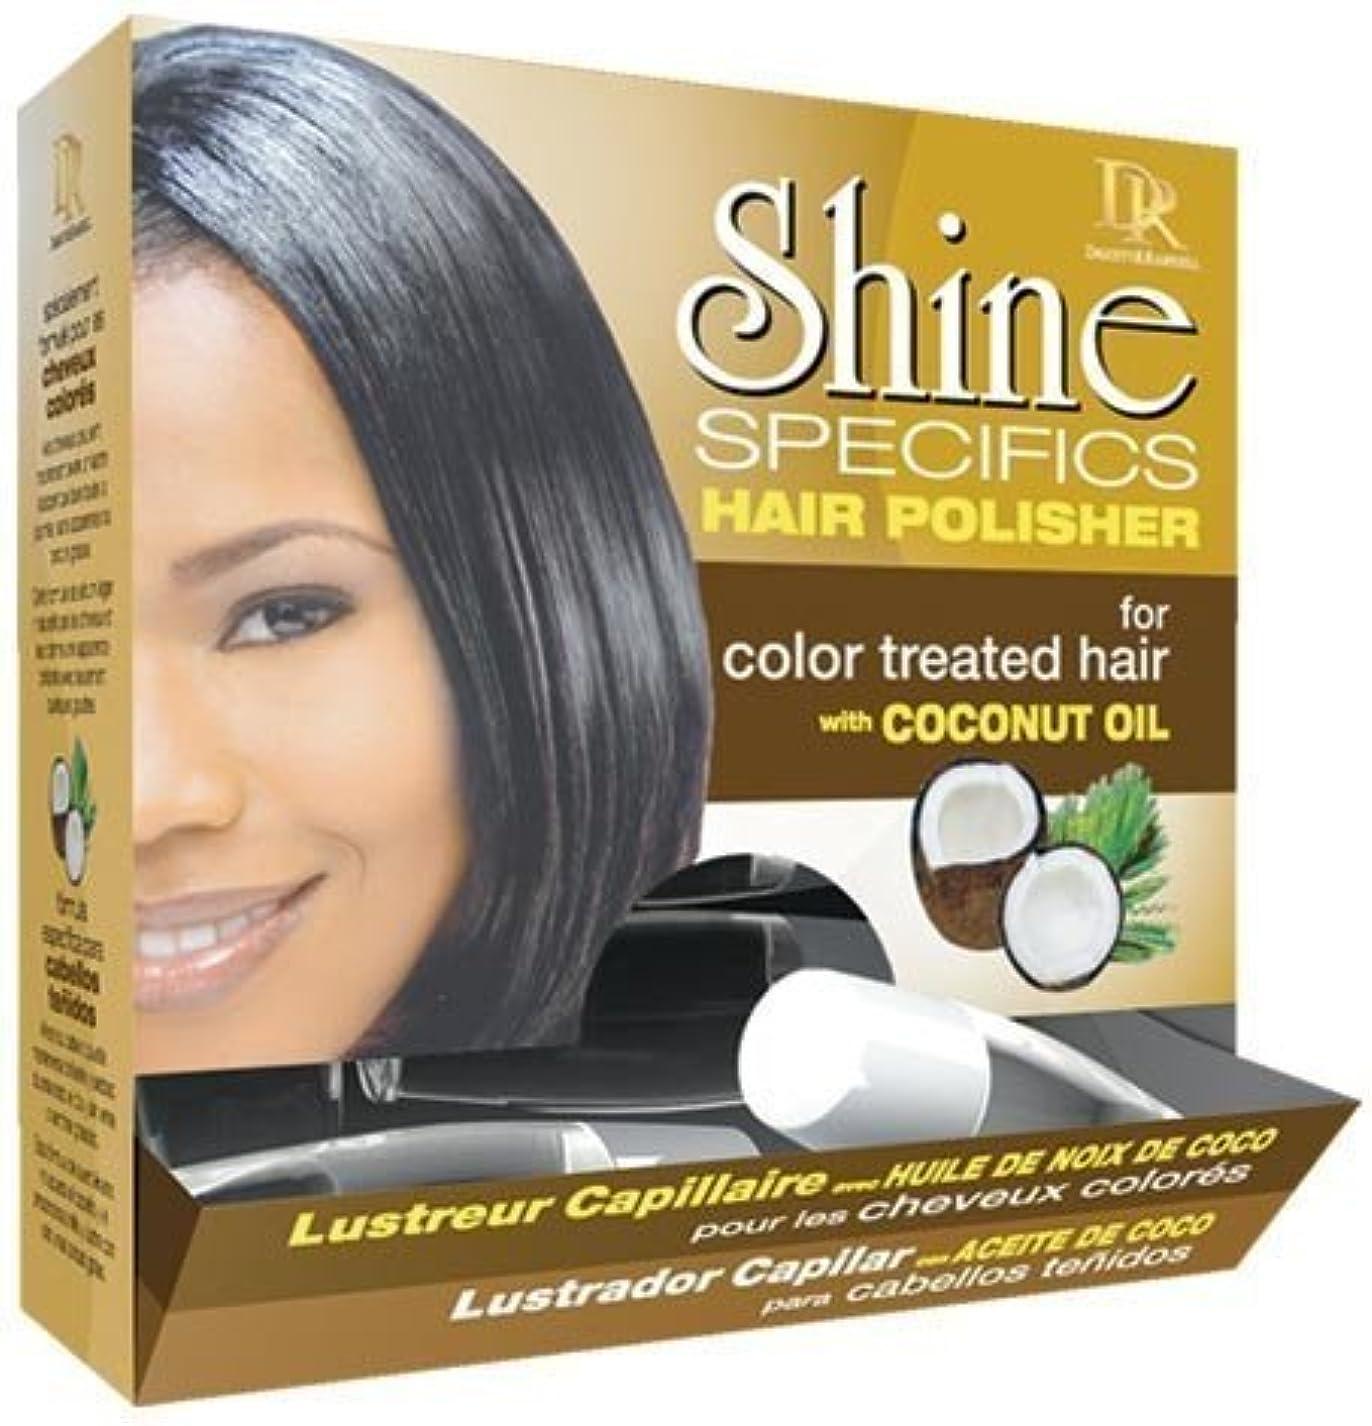 前部によって入射Daggett & Ramsdell Shine Specifics Hair Polisher For Color Treated Hair With Coconut Oil (18 Pieces Dispenser)...